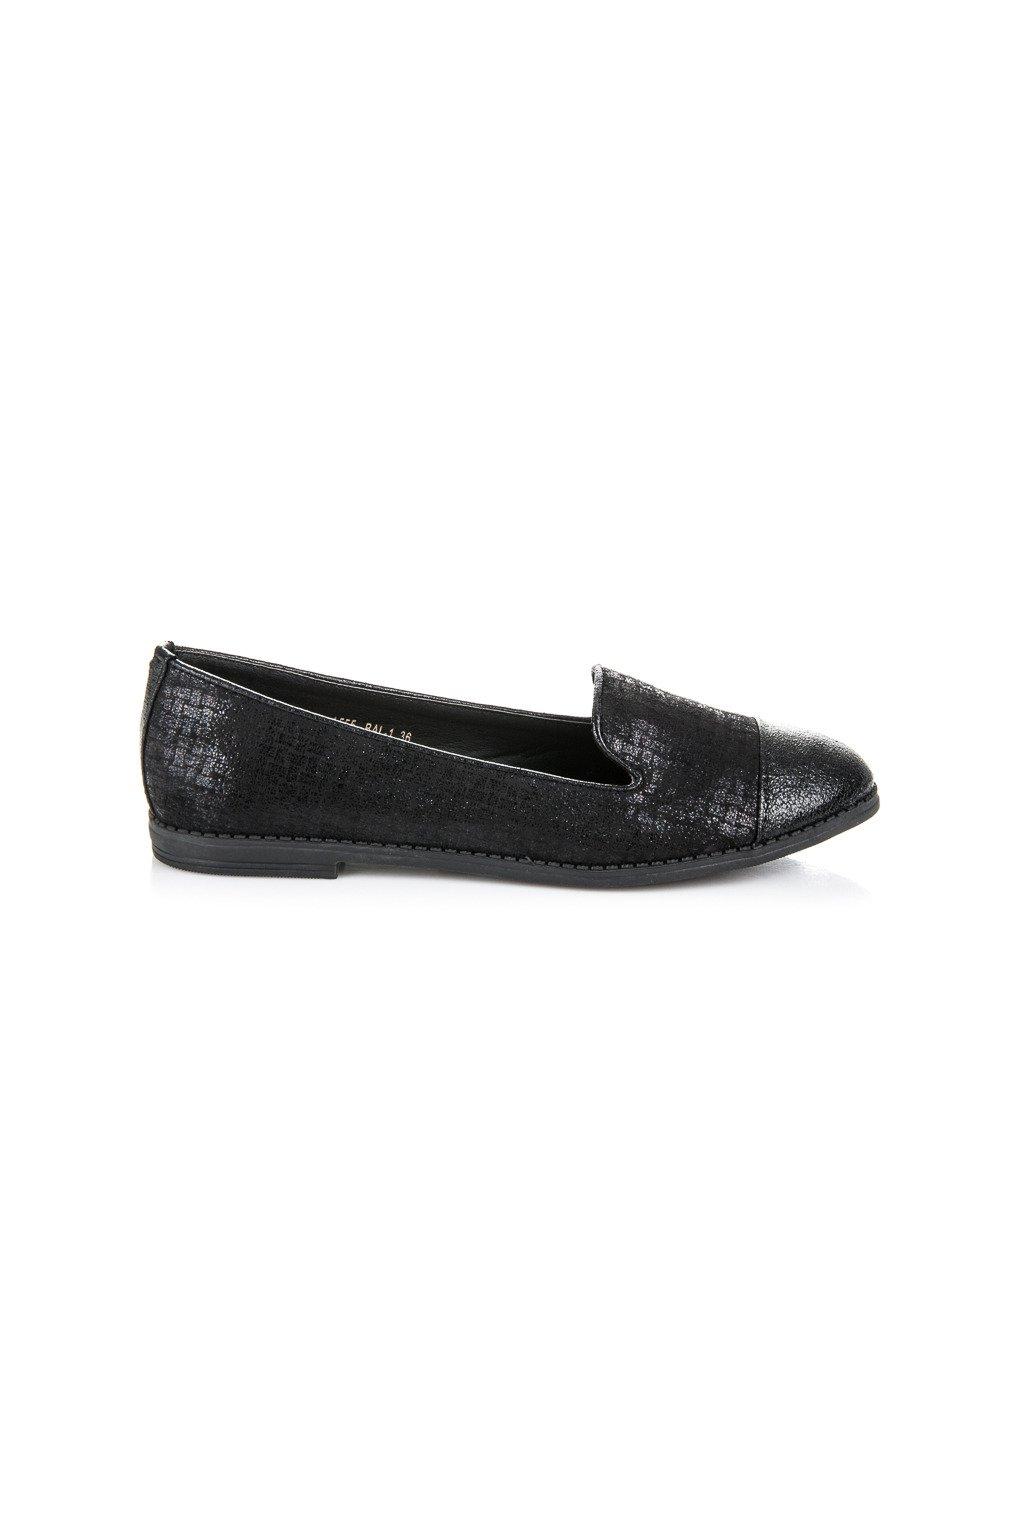 Dámska obuv veľkosť 35 - NOVINKY 2018 zľavy -25%  0c996914f1a